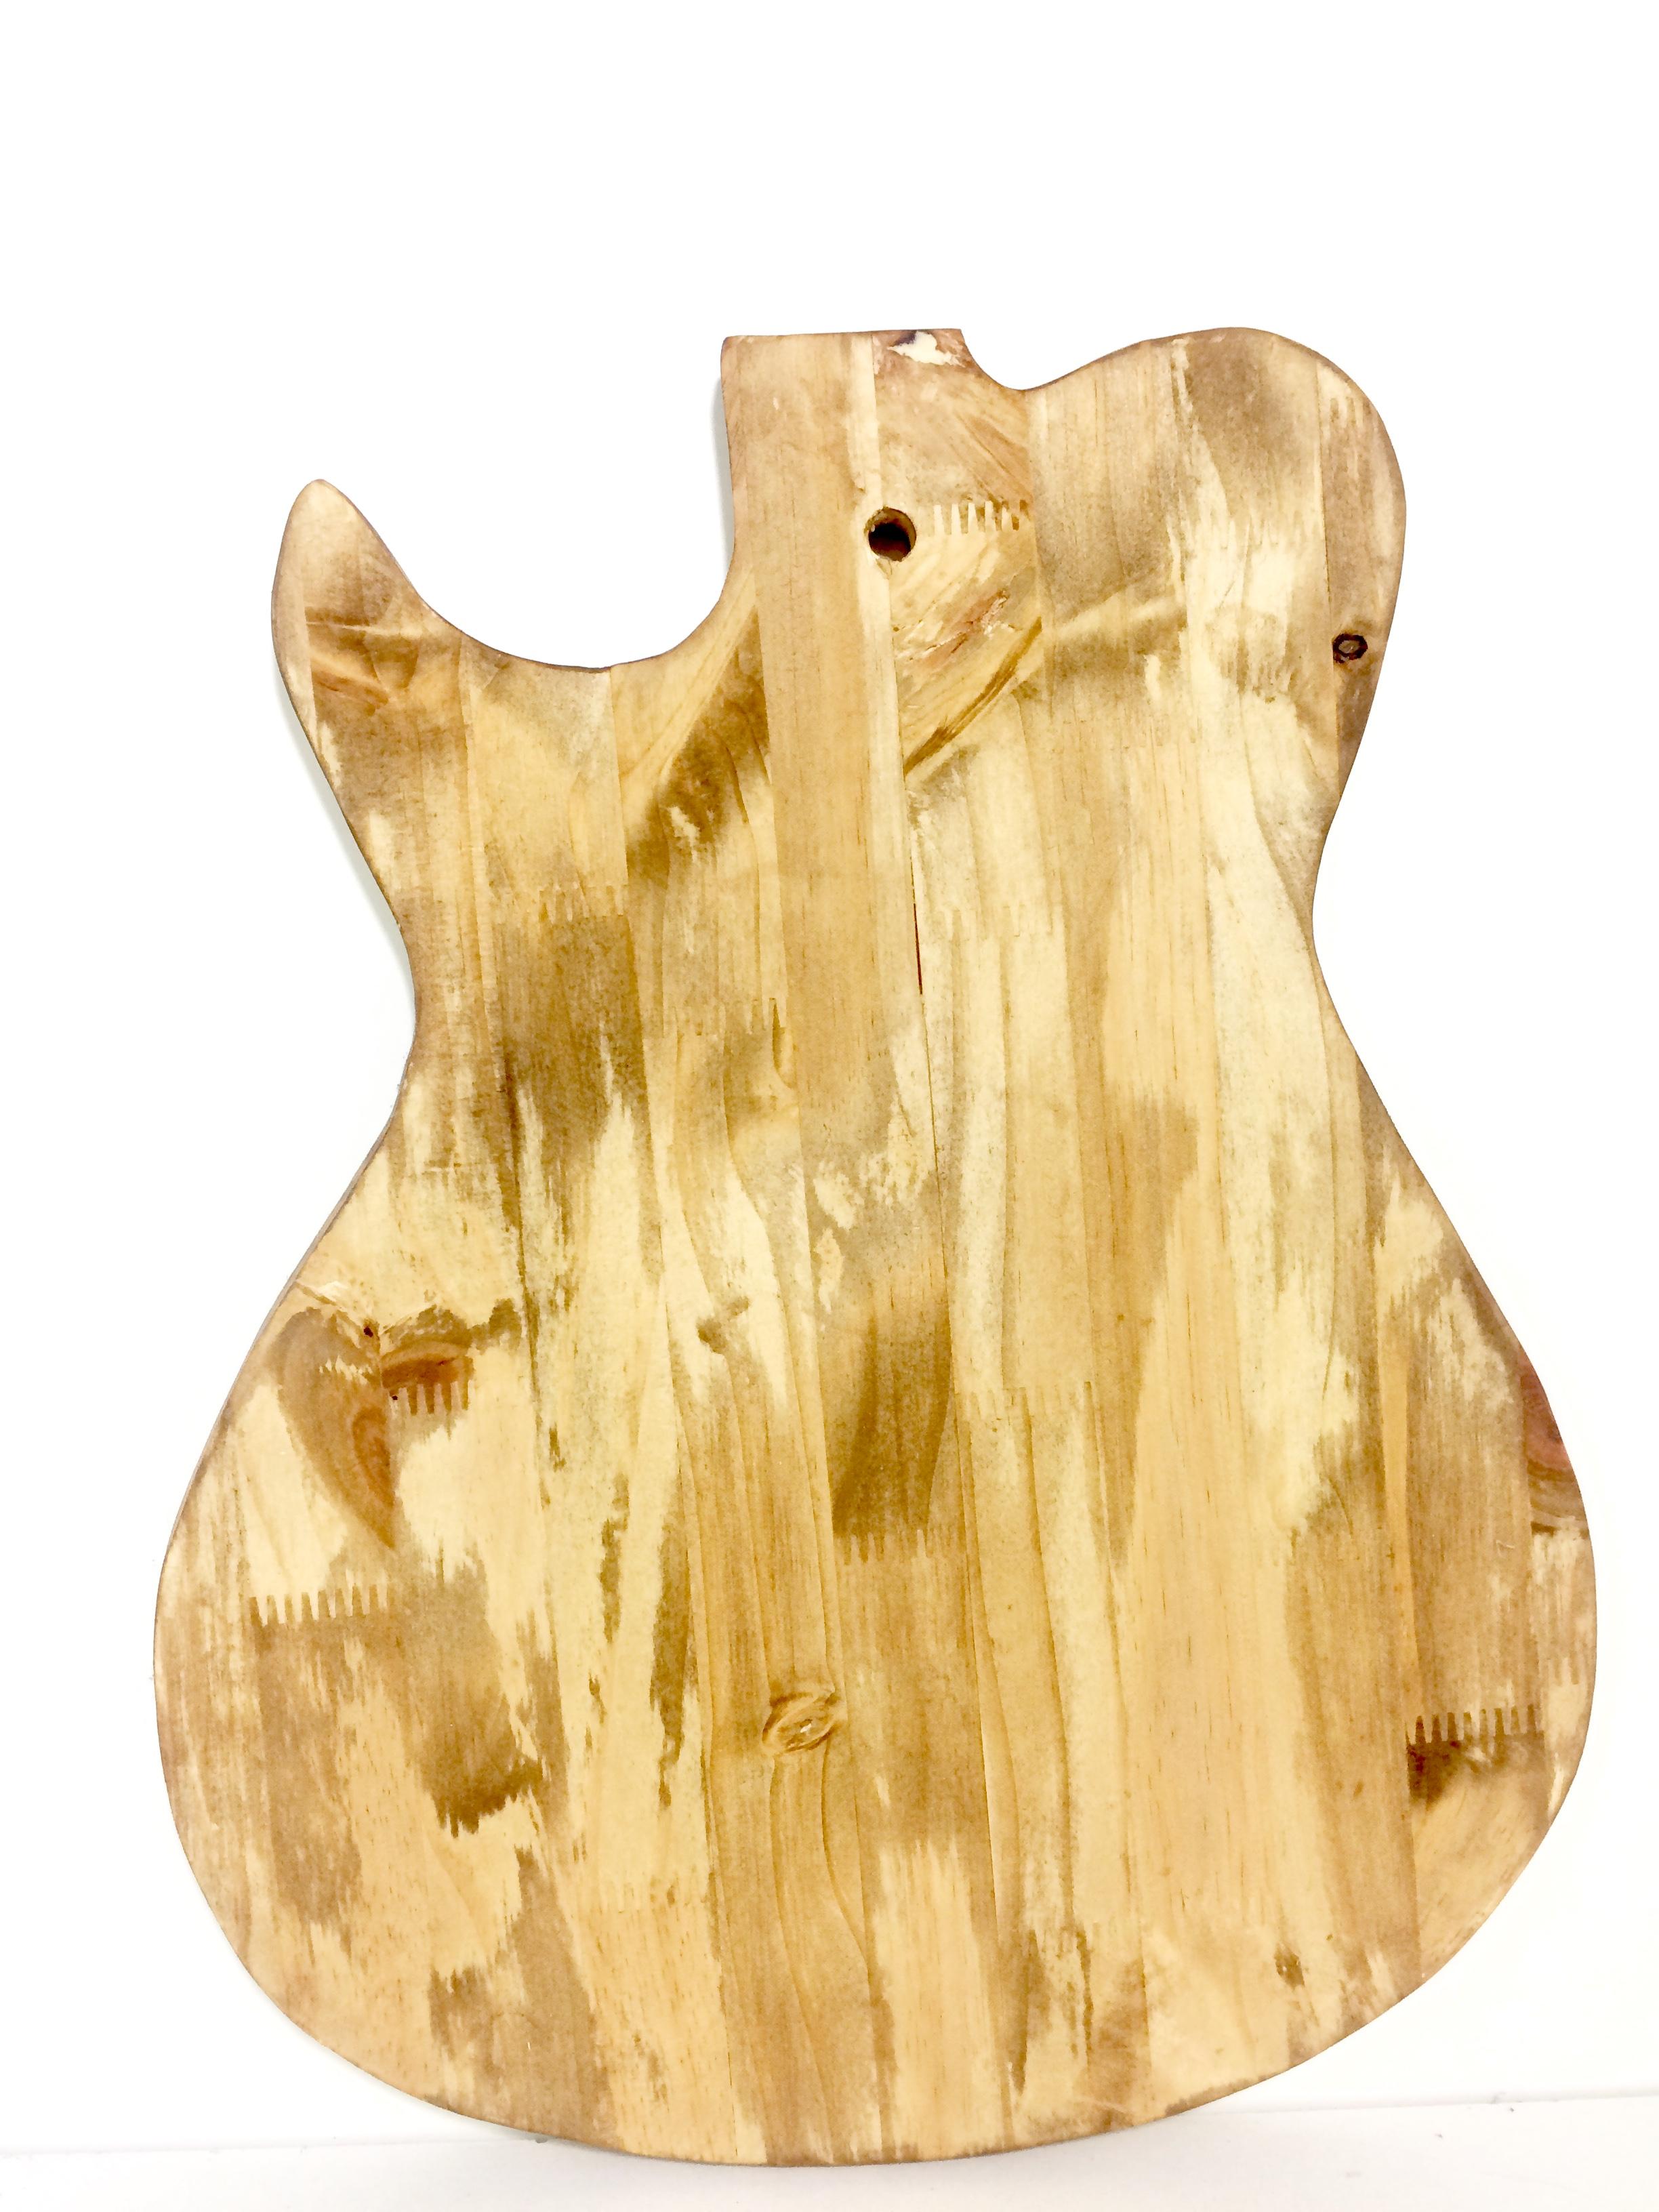 Planche à apéro Guitare